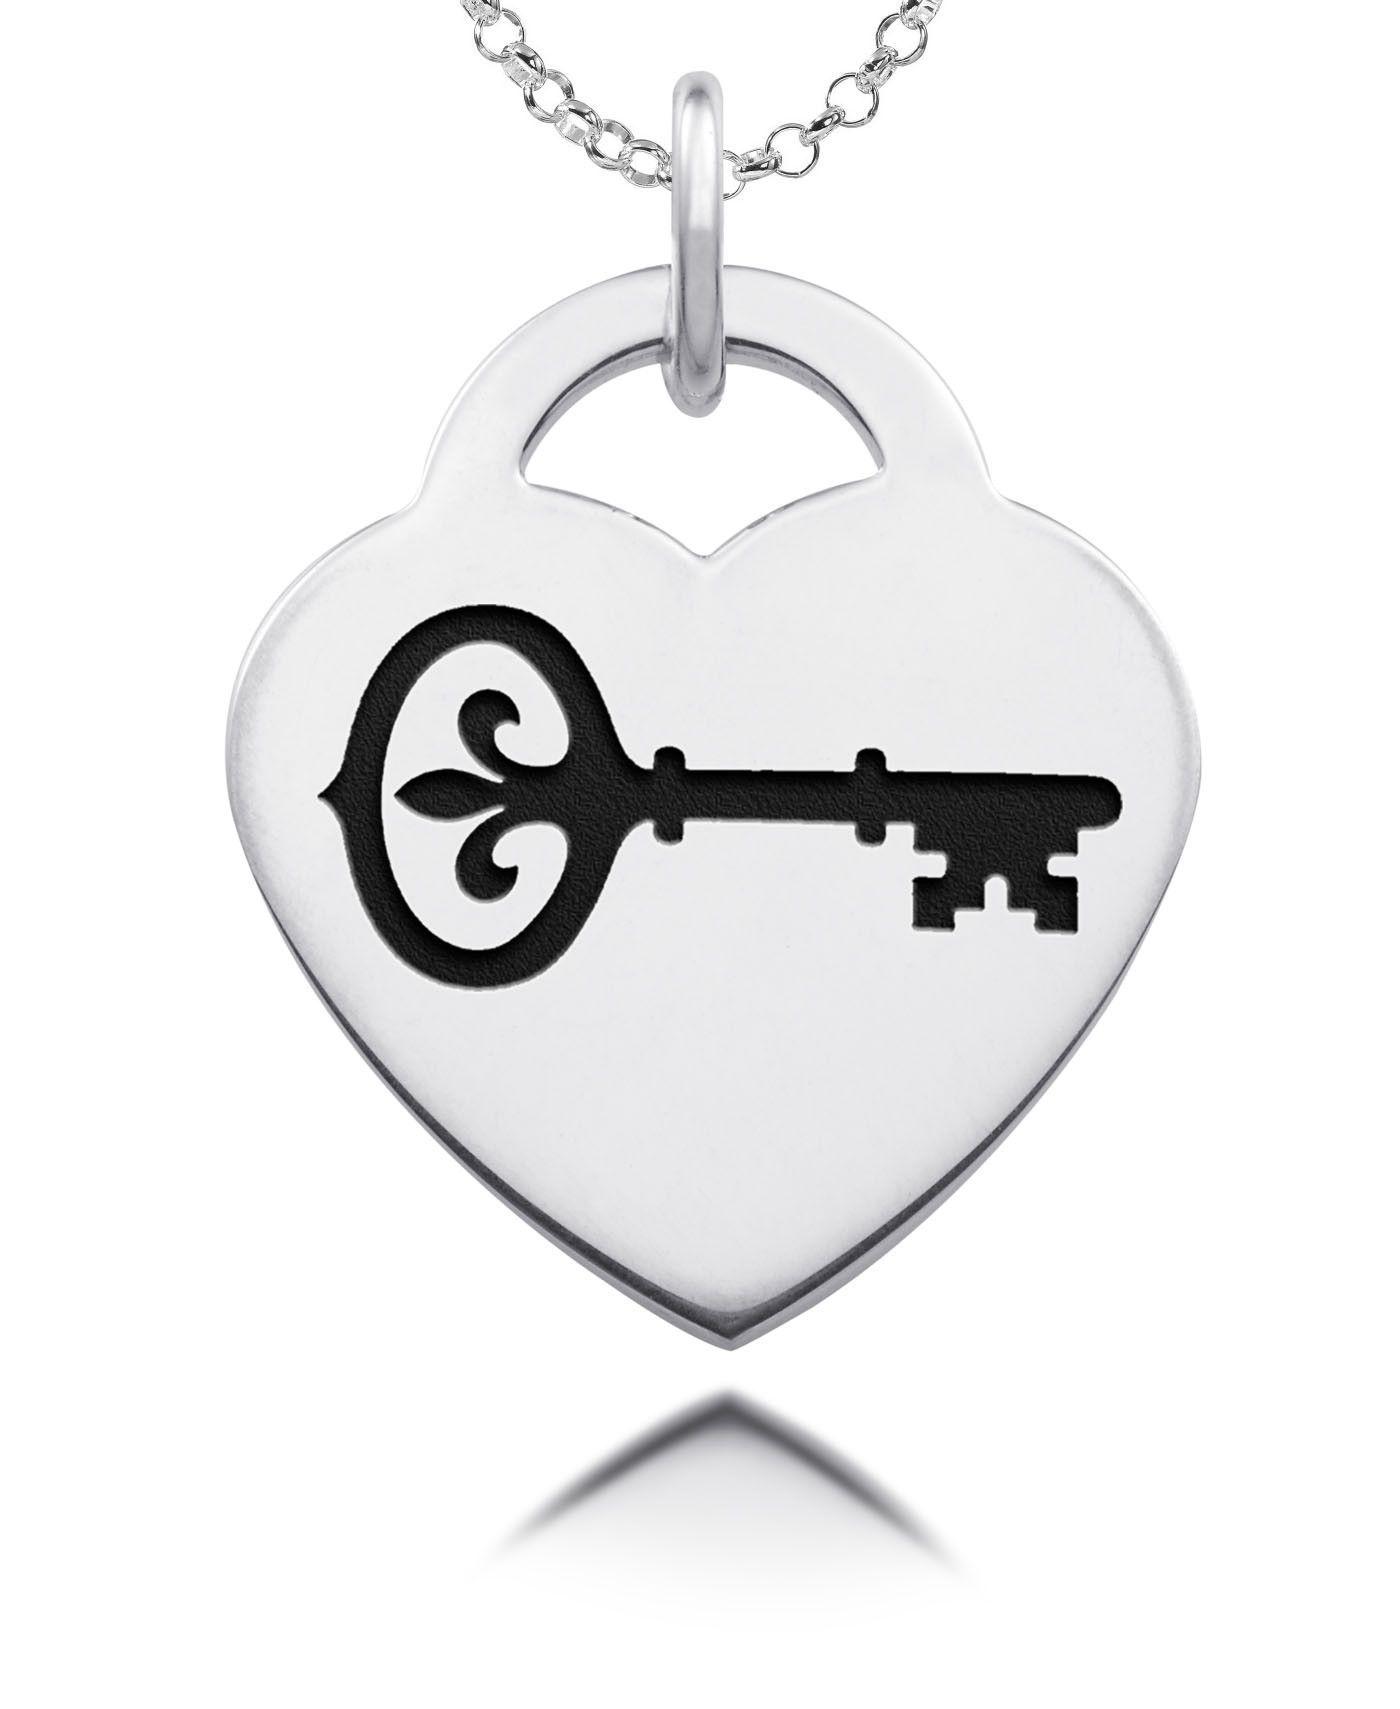 Kappa kappa gamma symbol heart charm gamma symbol heart charm and kappa kappa gamma symbol heart charm buycottarizona Gallery